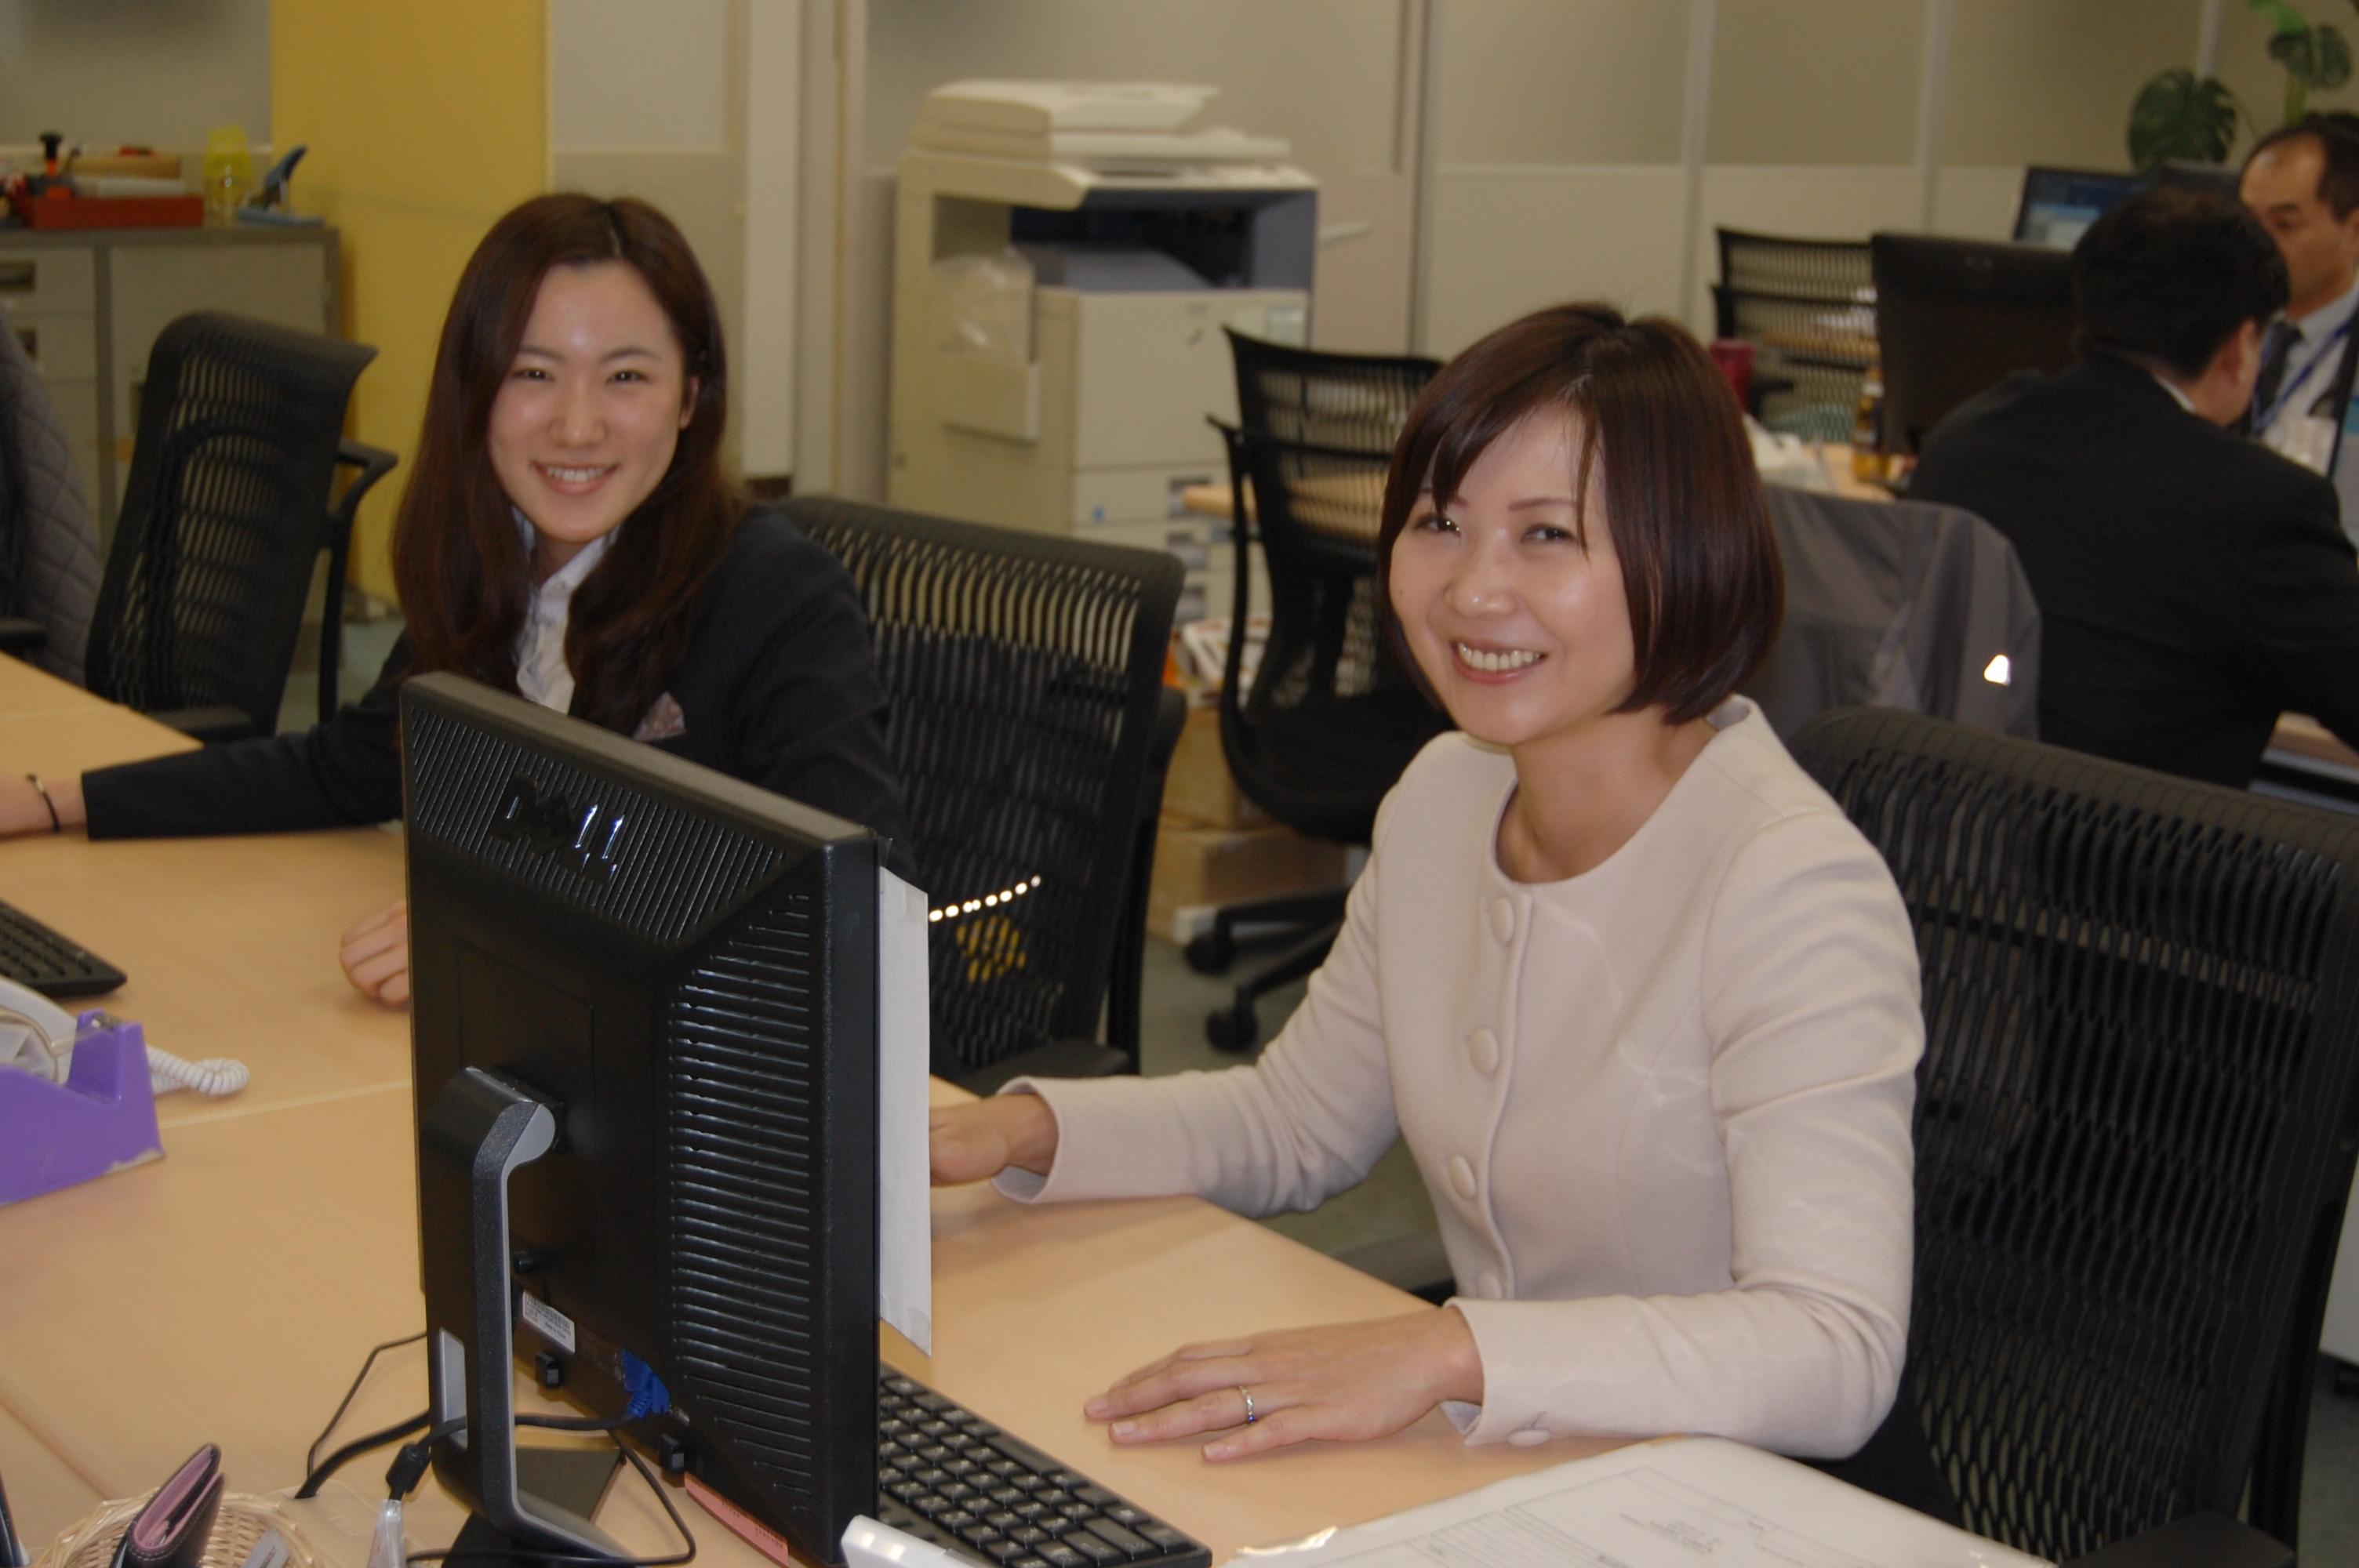 タイムズカーリペア 住之江センター 事務スタッフのアルバイト情報